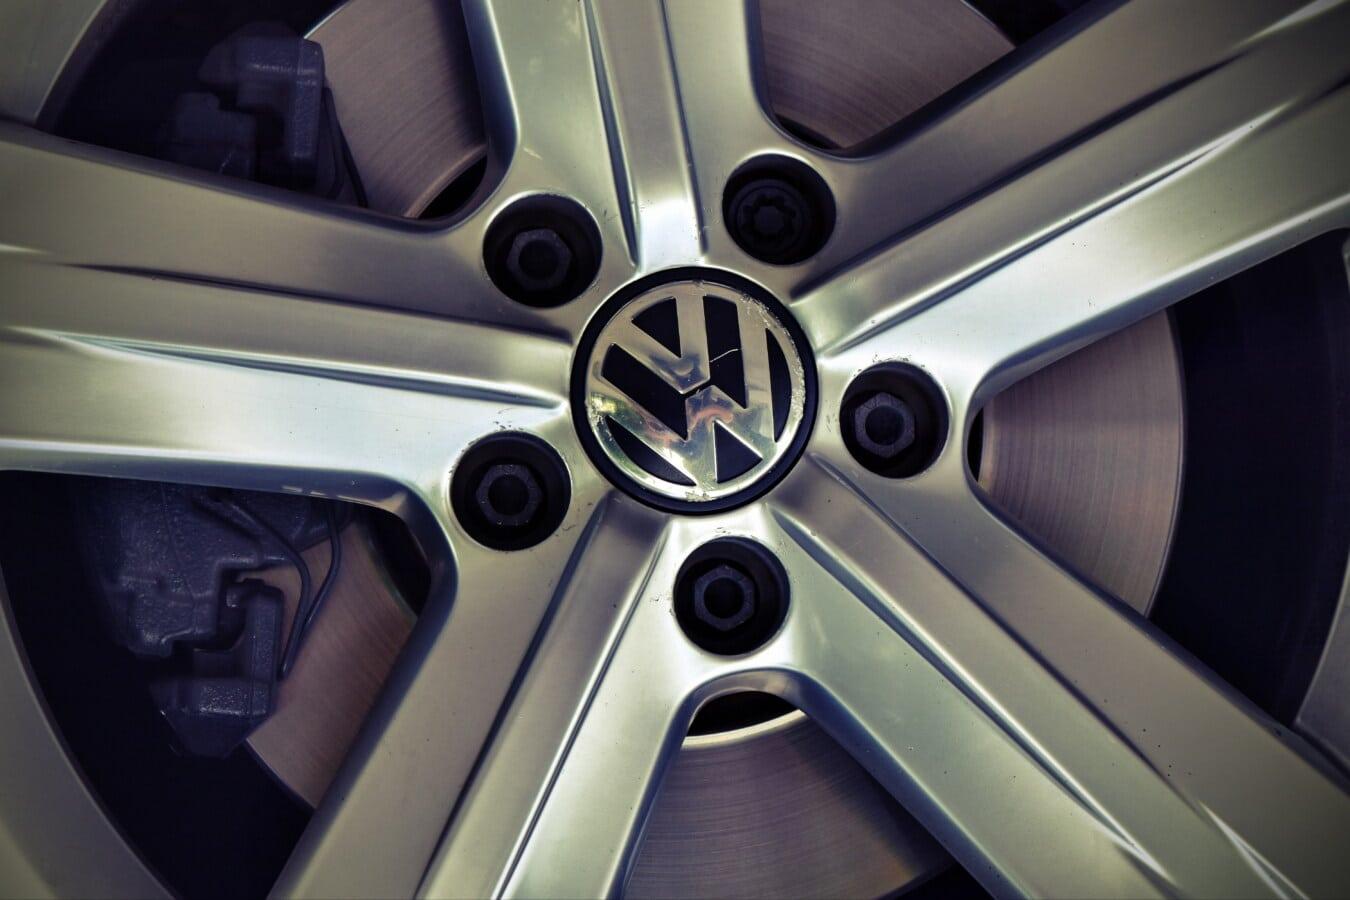 en aluminium, jante, en alliage, chrome, métalliques, fer de fonte, voiture, roue, pneu, automobile